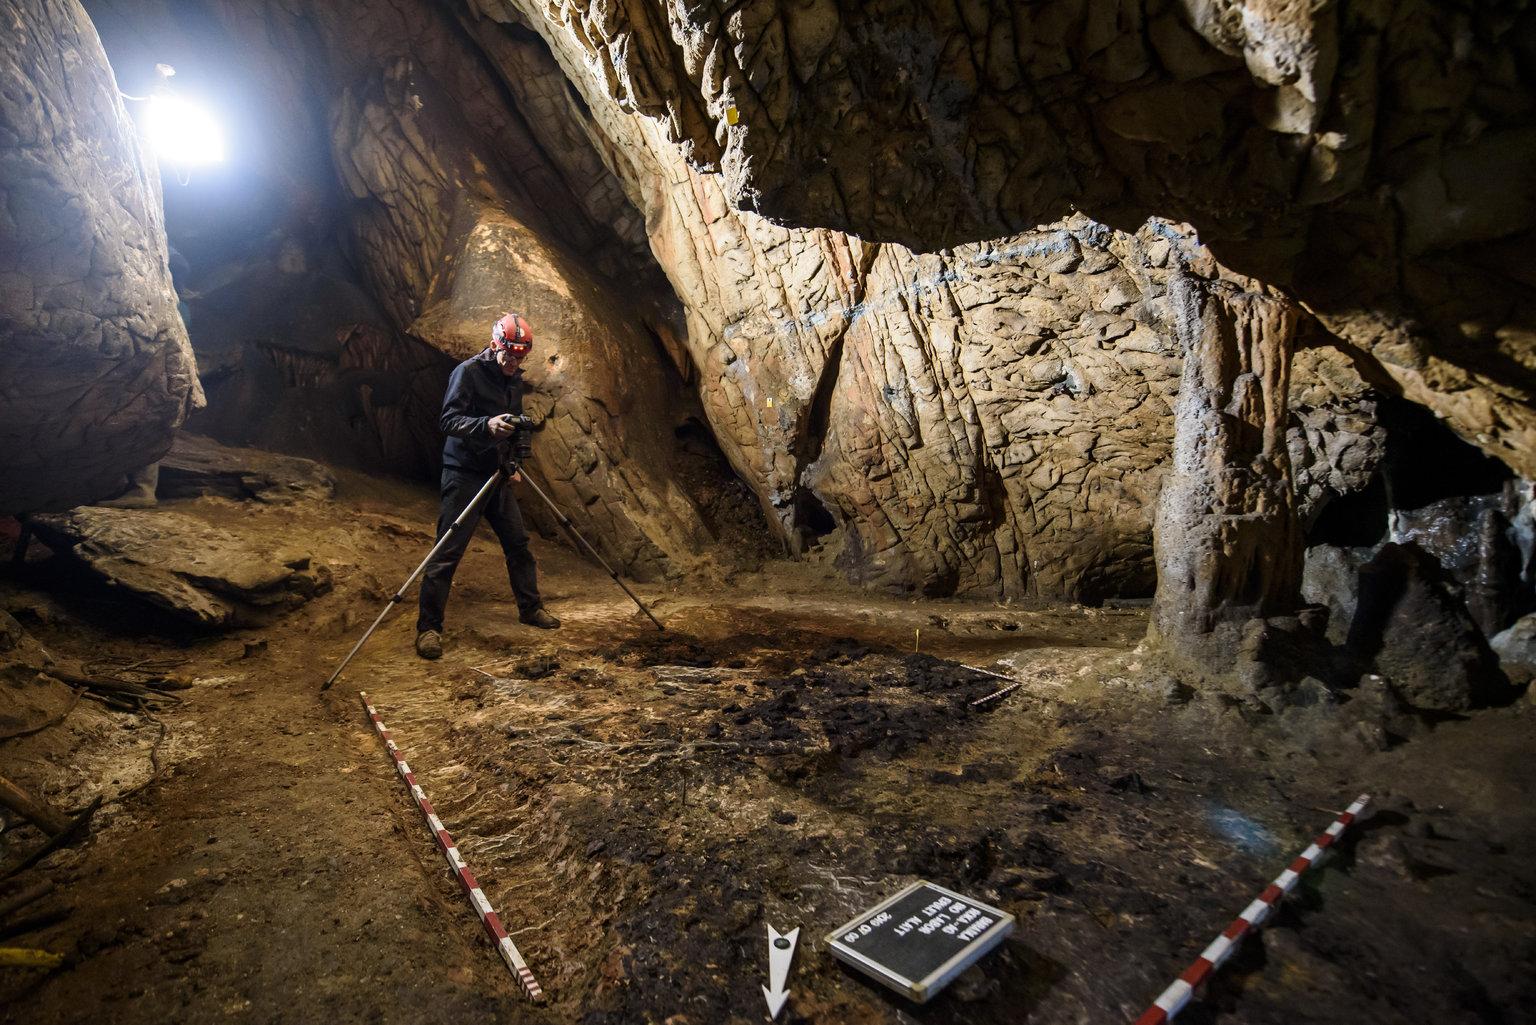 Aggtelek, 2019. július 10. Az ELTE Régészettudományi Intézet munkatársa leleteket fényképez az Aggteleki Nemzeti Park Igazgatósággal közösen végzett ásatásukon az aggteleki Baradla-barlangban 2019. július 9-én. A Baradla Európa egyik leggazdagabb barlangi lelőhelye az újkőkori és a késő bronzkori leleteknek. MTI/Komka Péter